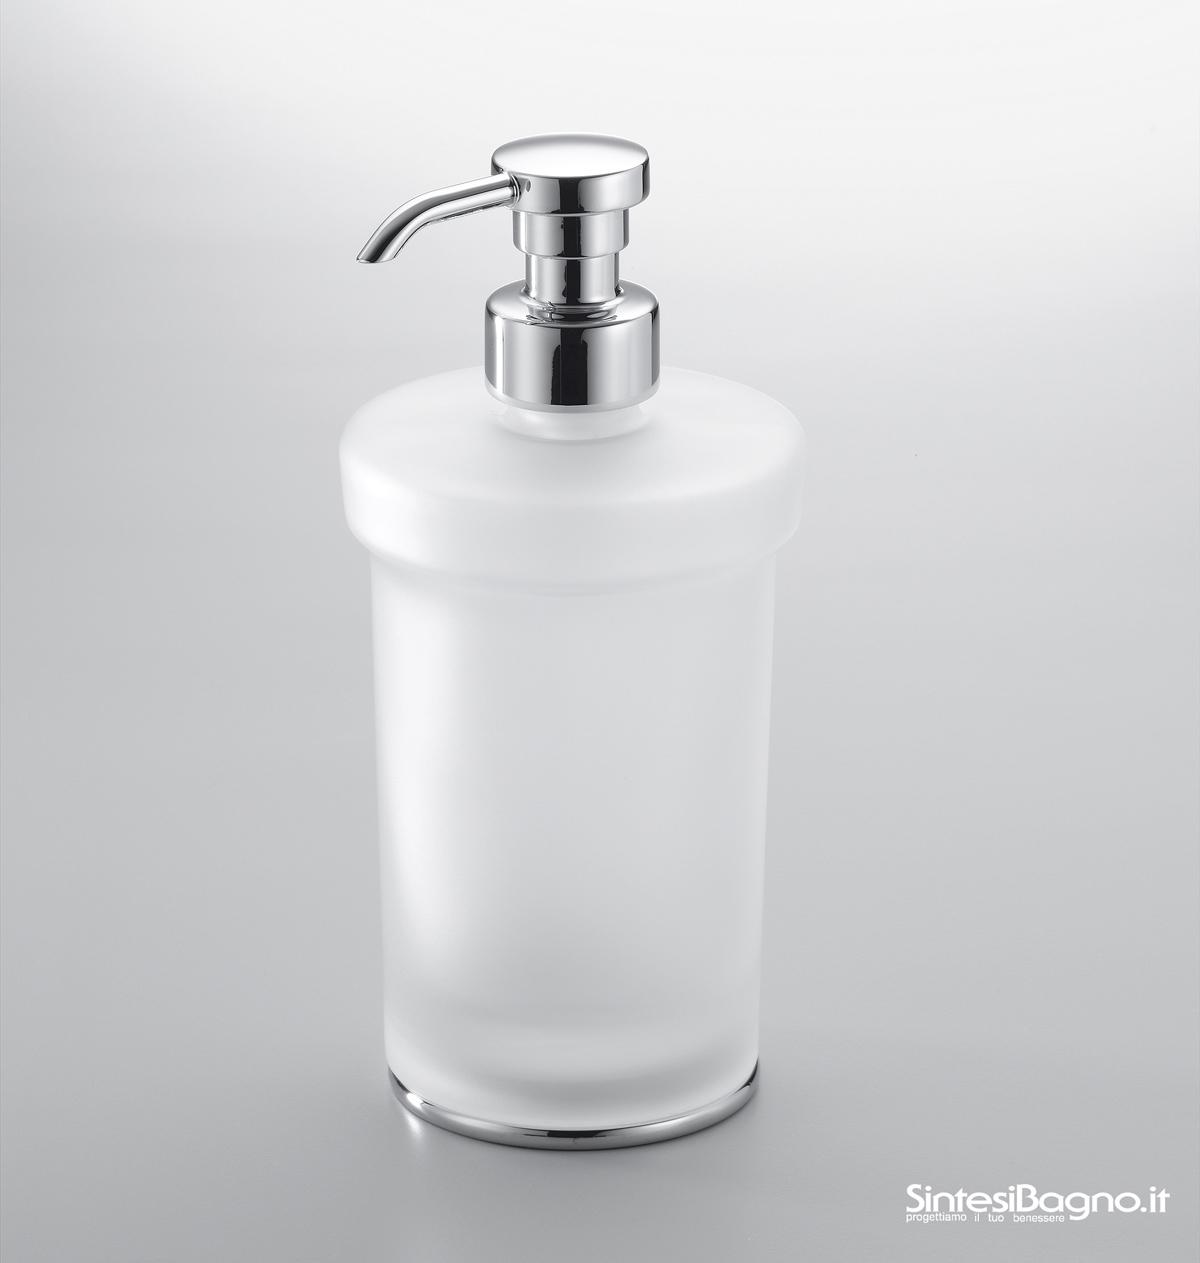 accessori-bagno-colombo-serie-link-sintesibagno_amb07